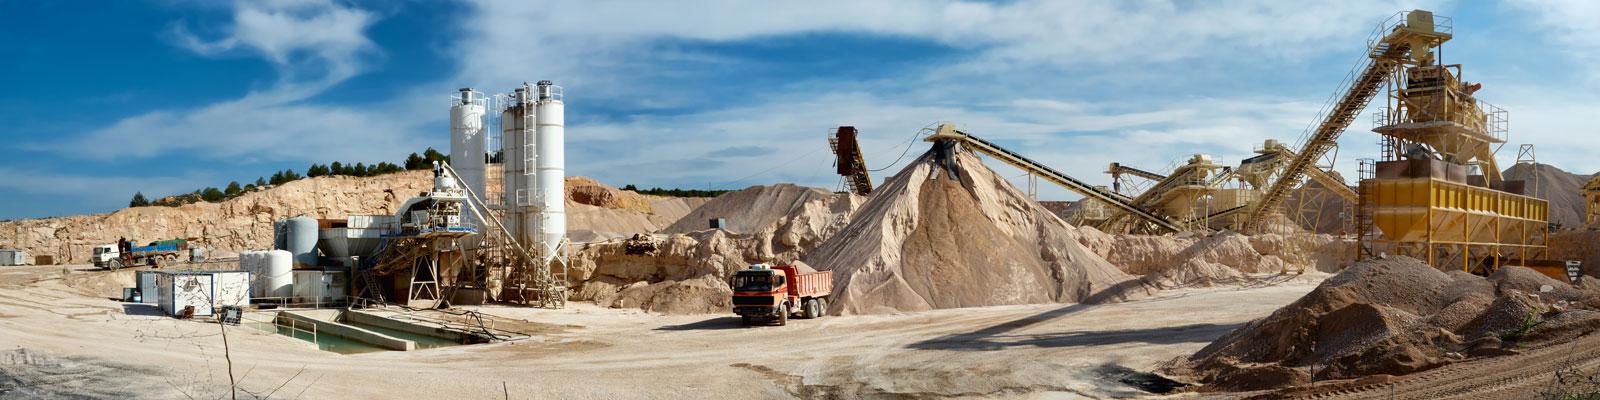 minería-y-agregados